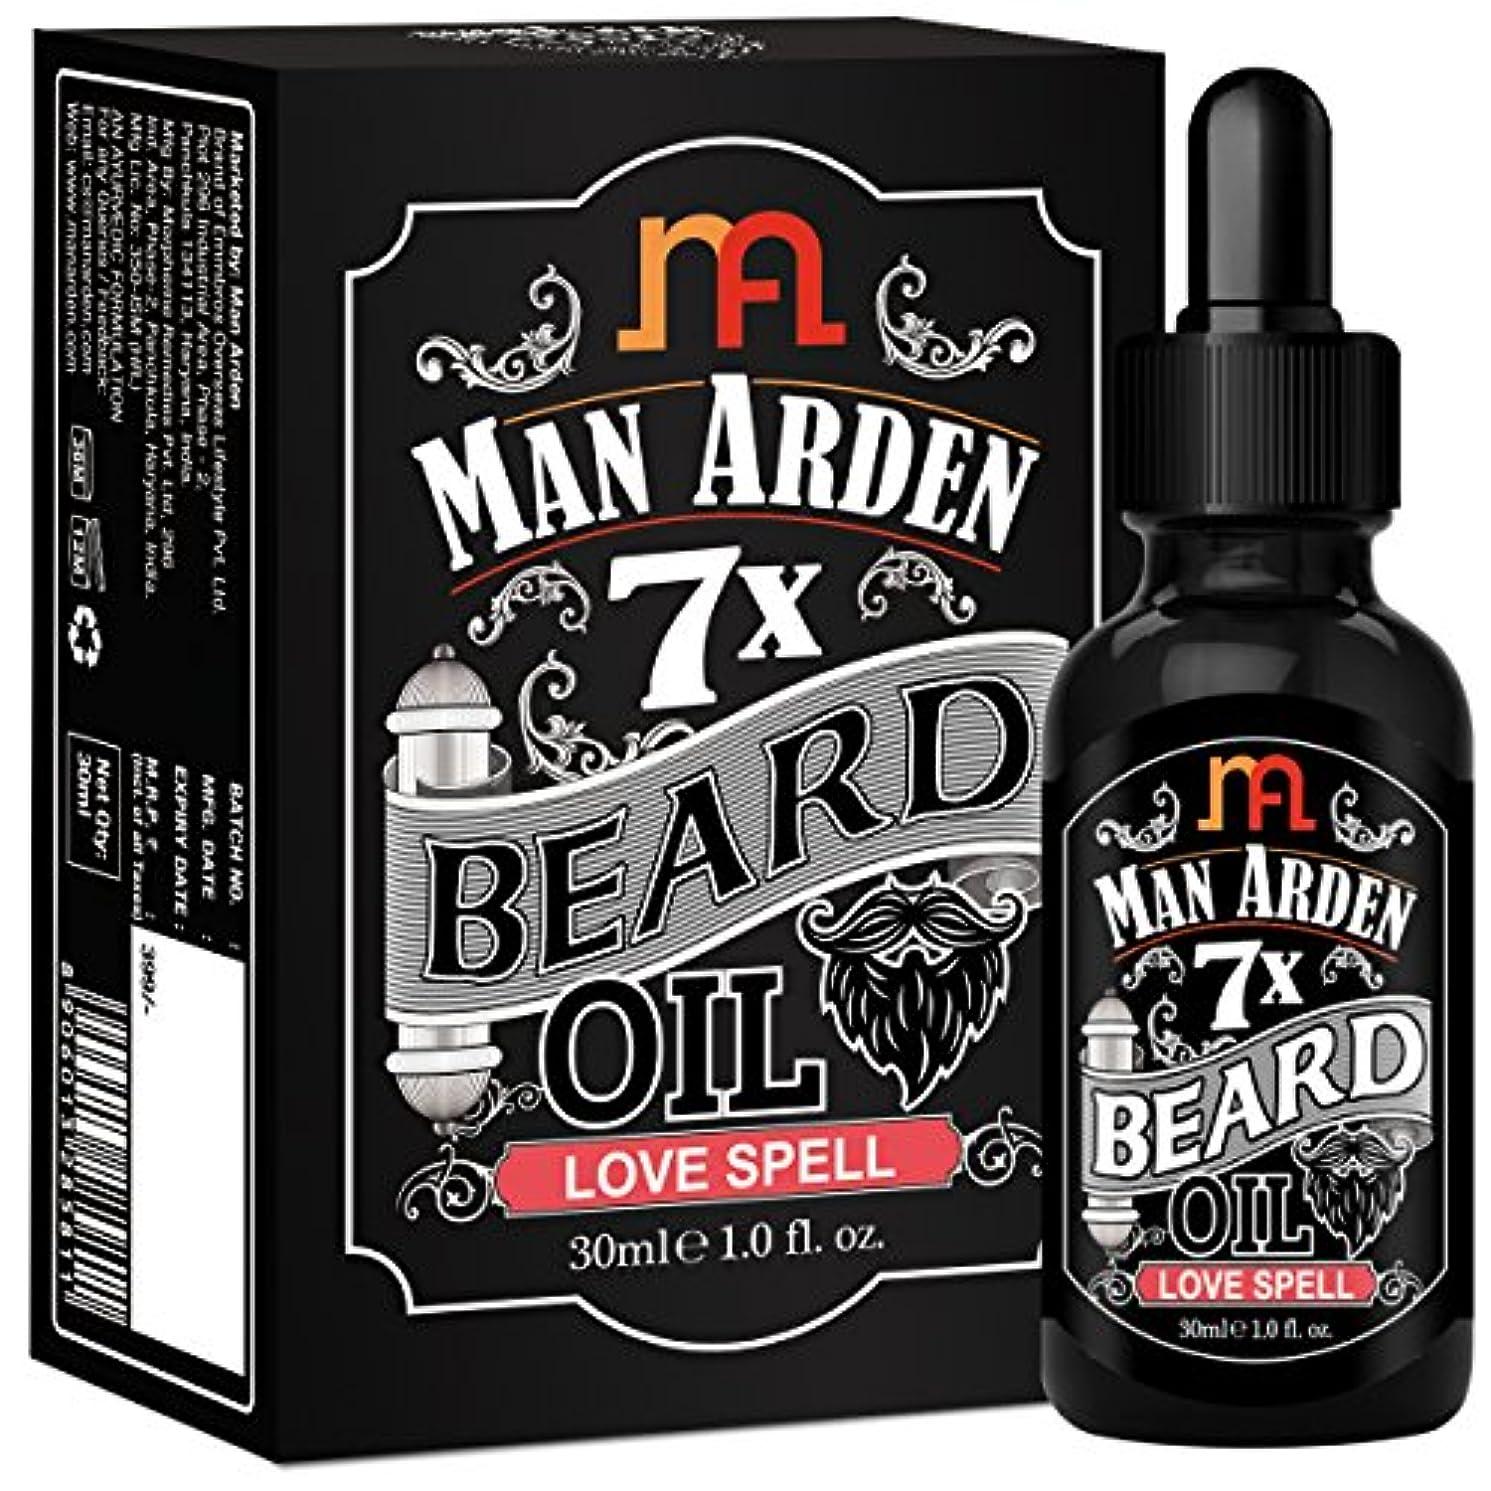 交換前方へ咲くMan Arden 7X Beard Oil 30ml (Love Spell) - 7 Premium Oils Blend For Beard Growth & Nourishment